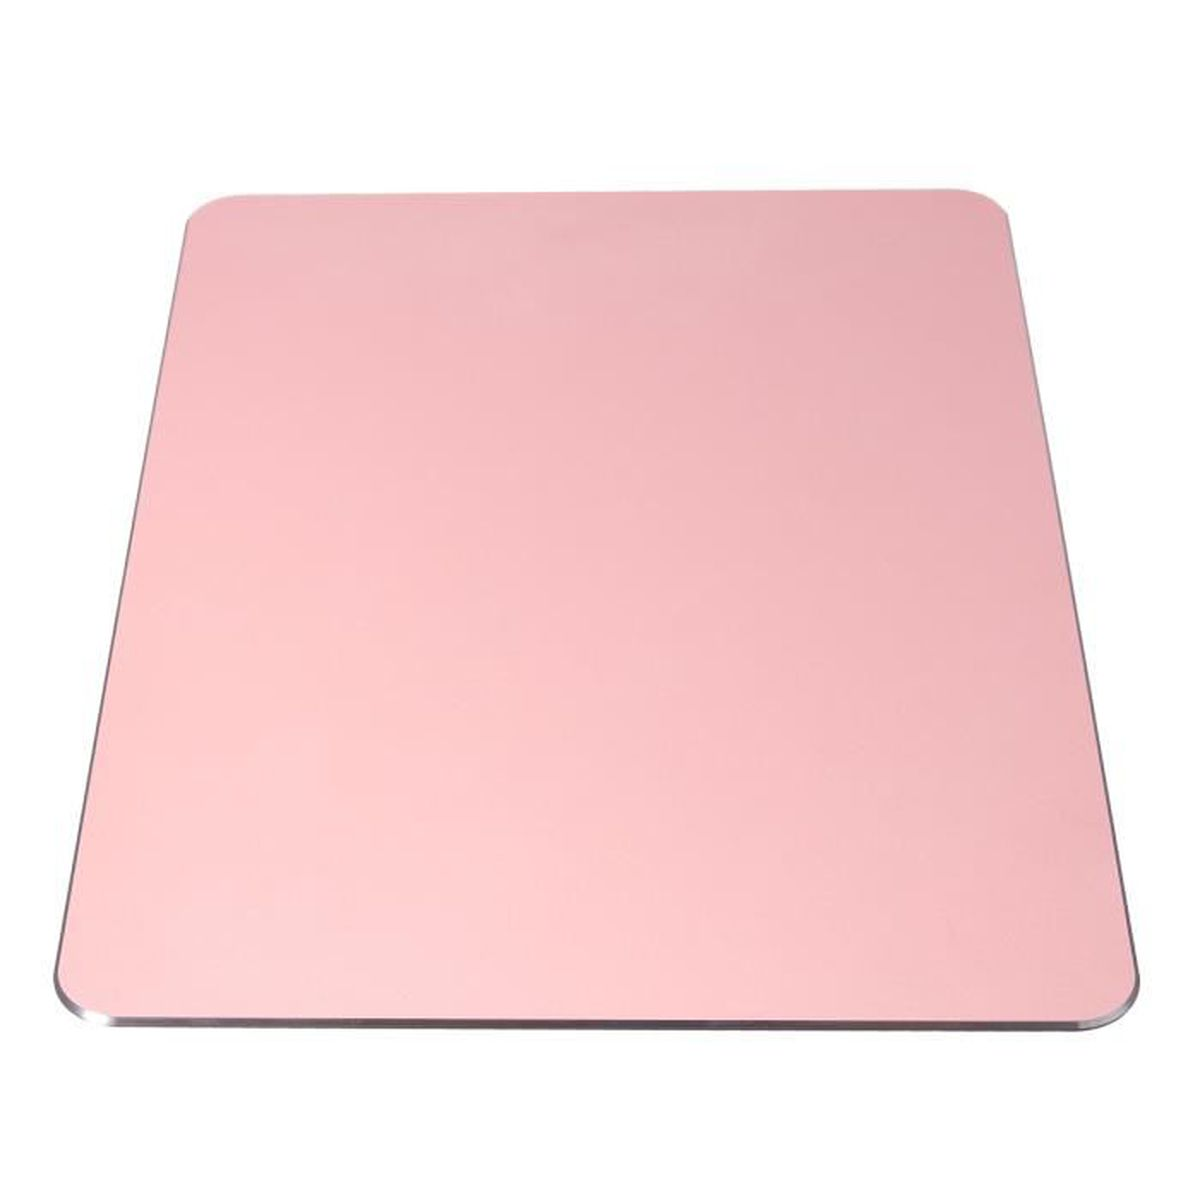 Tempsa tapis de souris pour table rose or prix pas cher for Tapis pour table basse